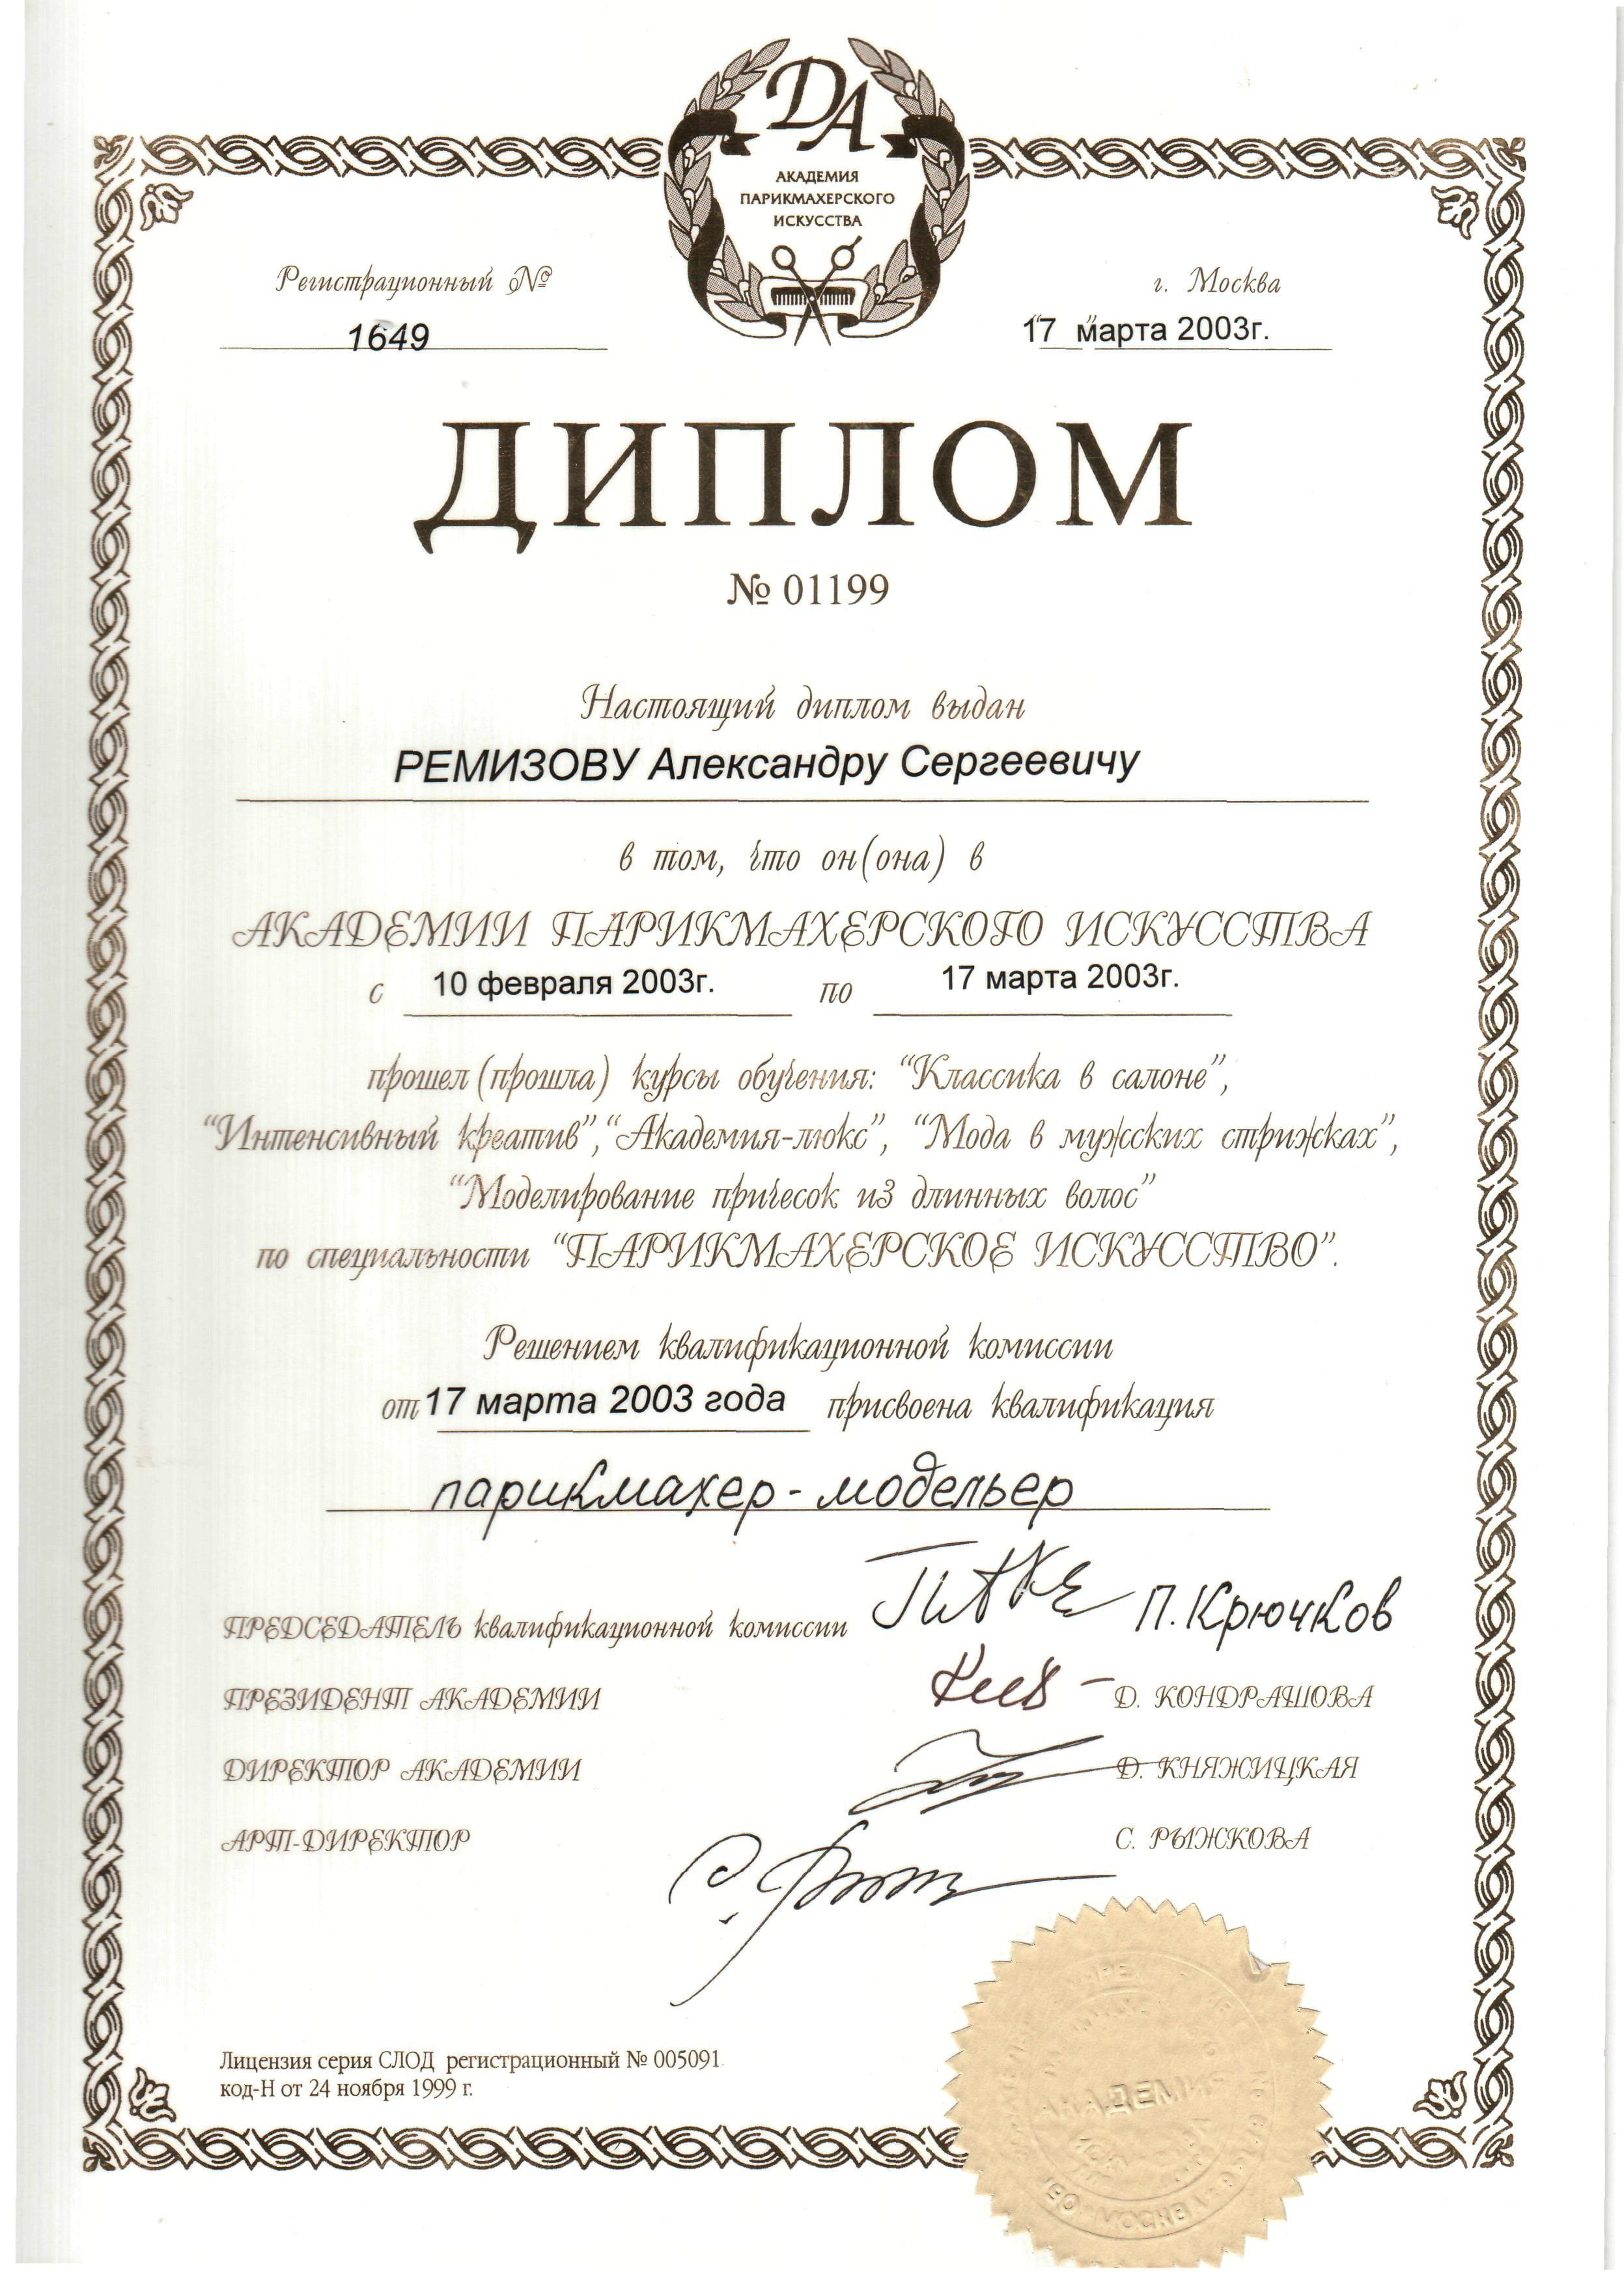 2003 диплом парикмахер-модельер